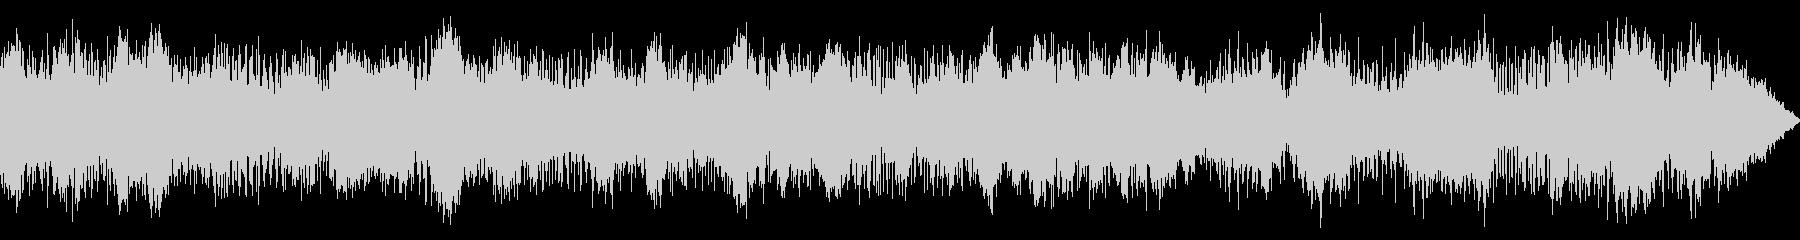 ピアノ・アンビエントの未再生の波形